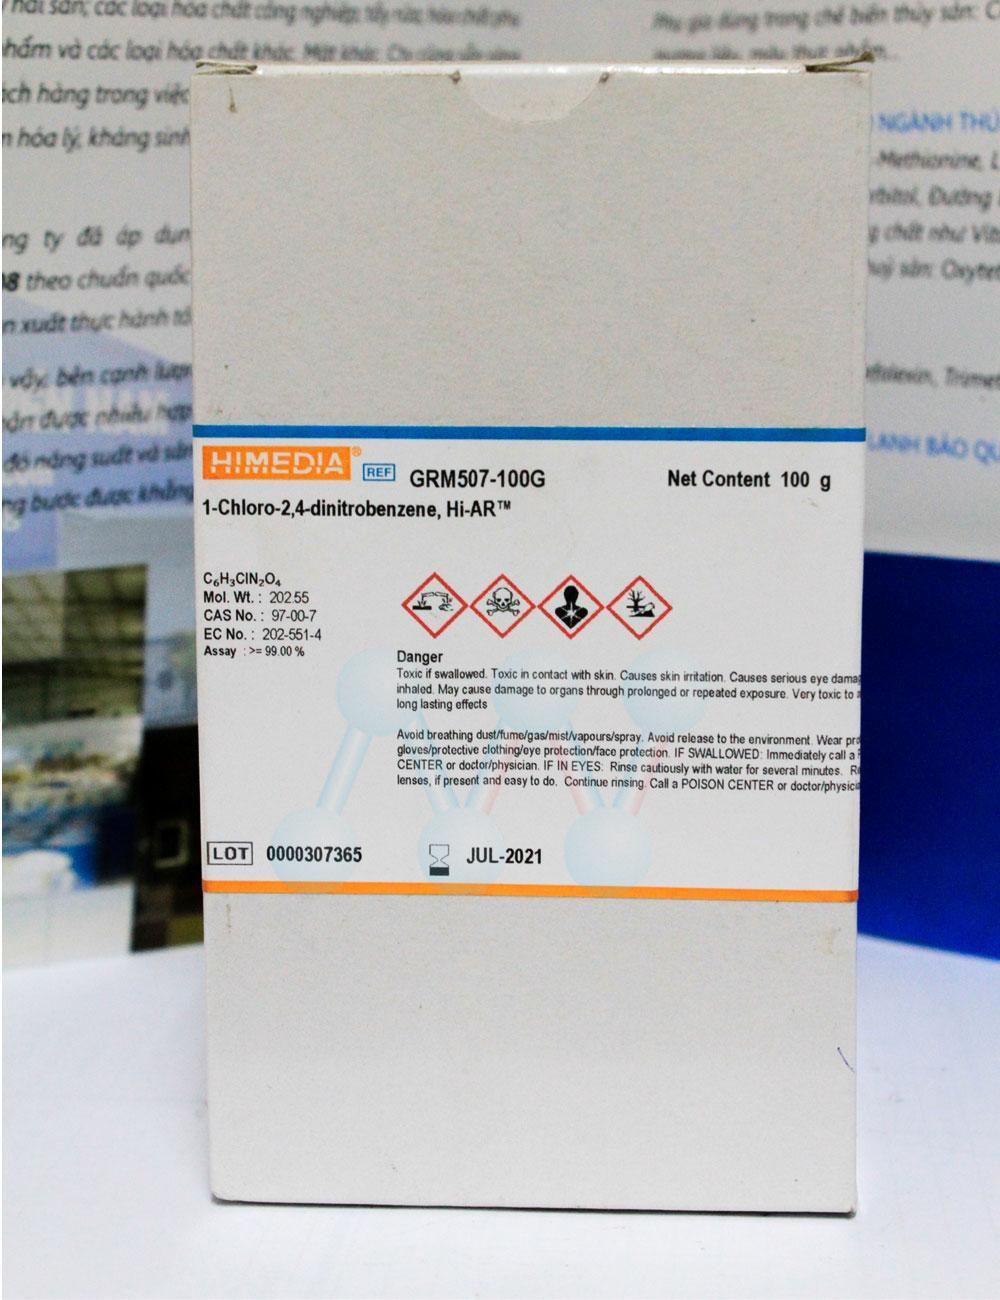 1-Chloro-2,4-dinitrobenzene, Hi-AR C6H3CIN2O4